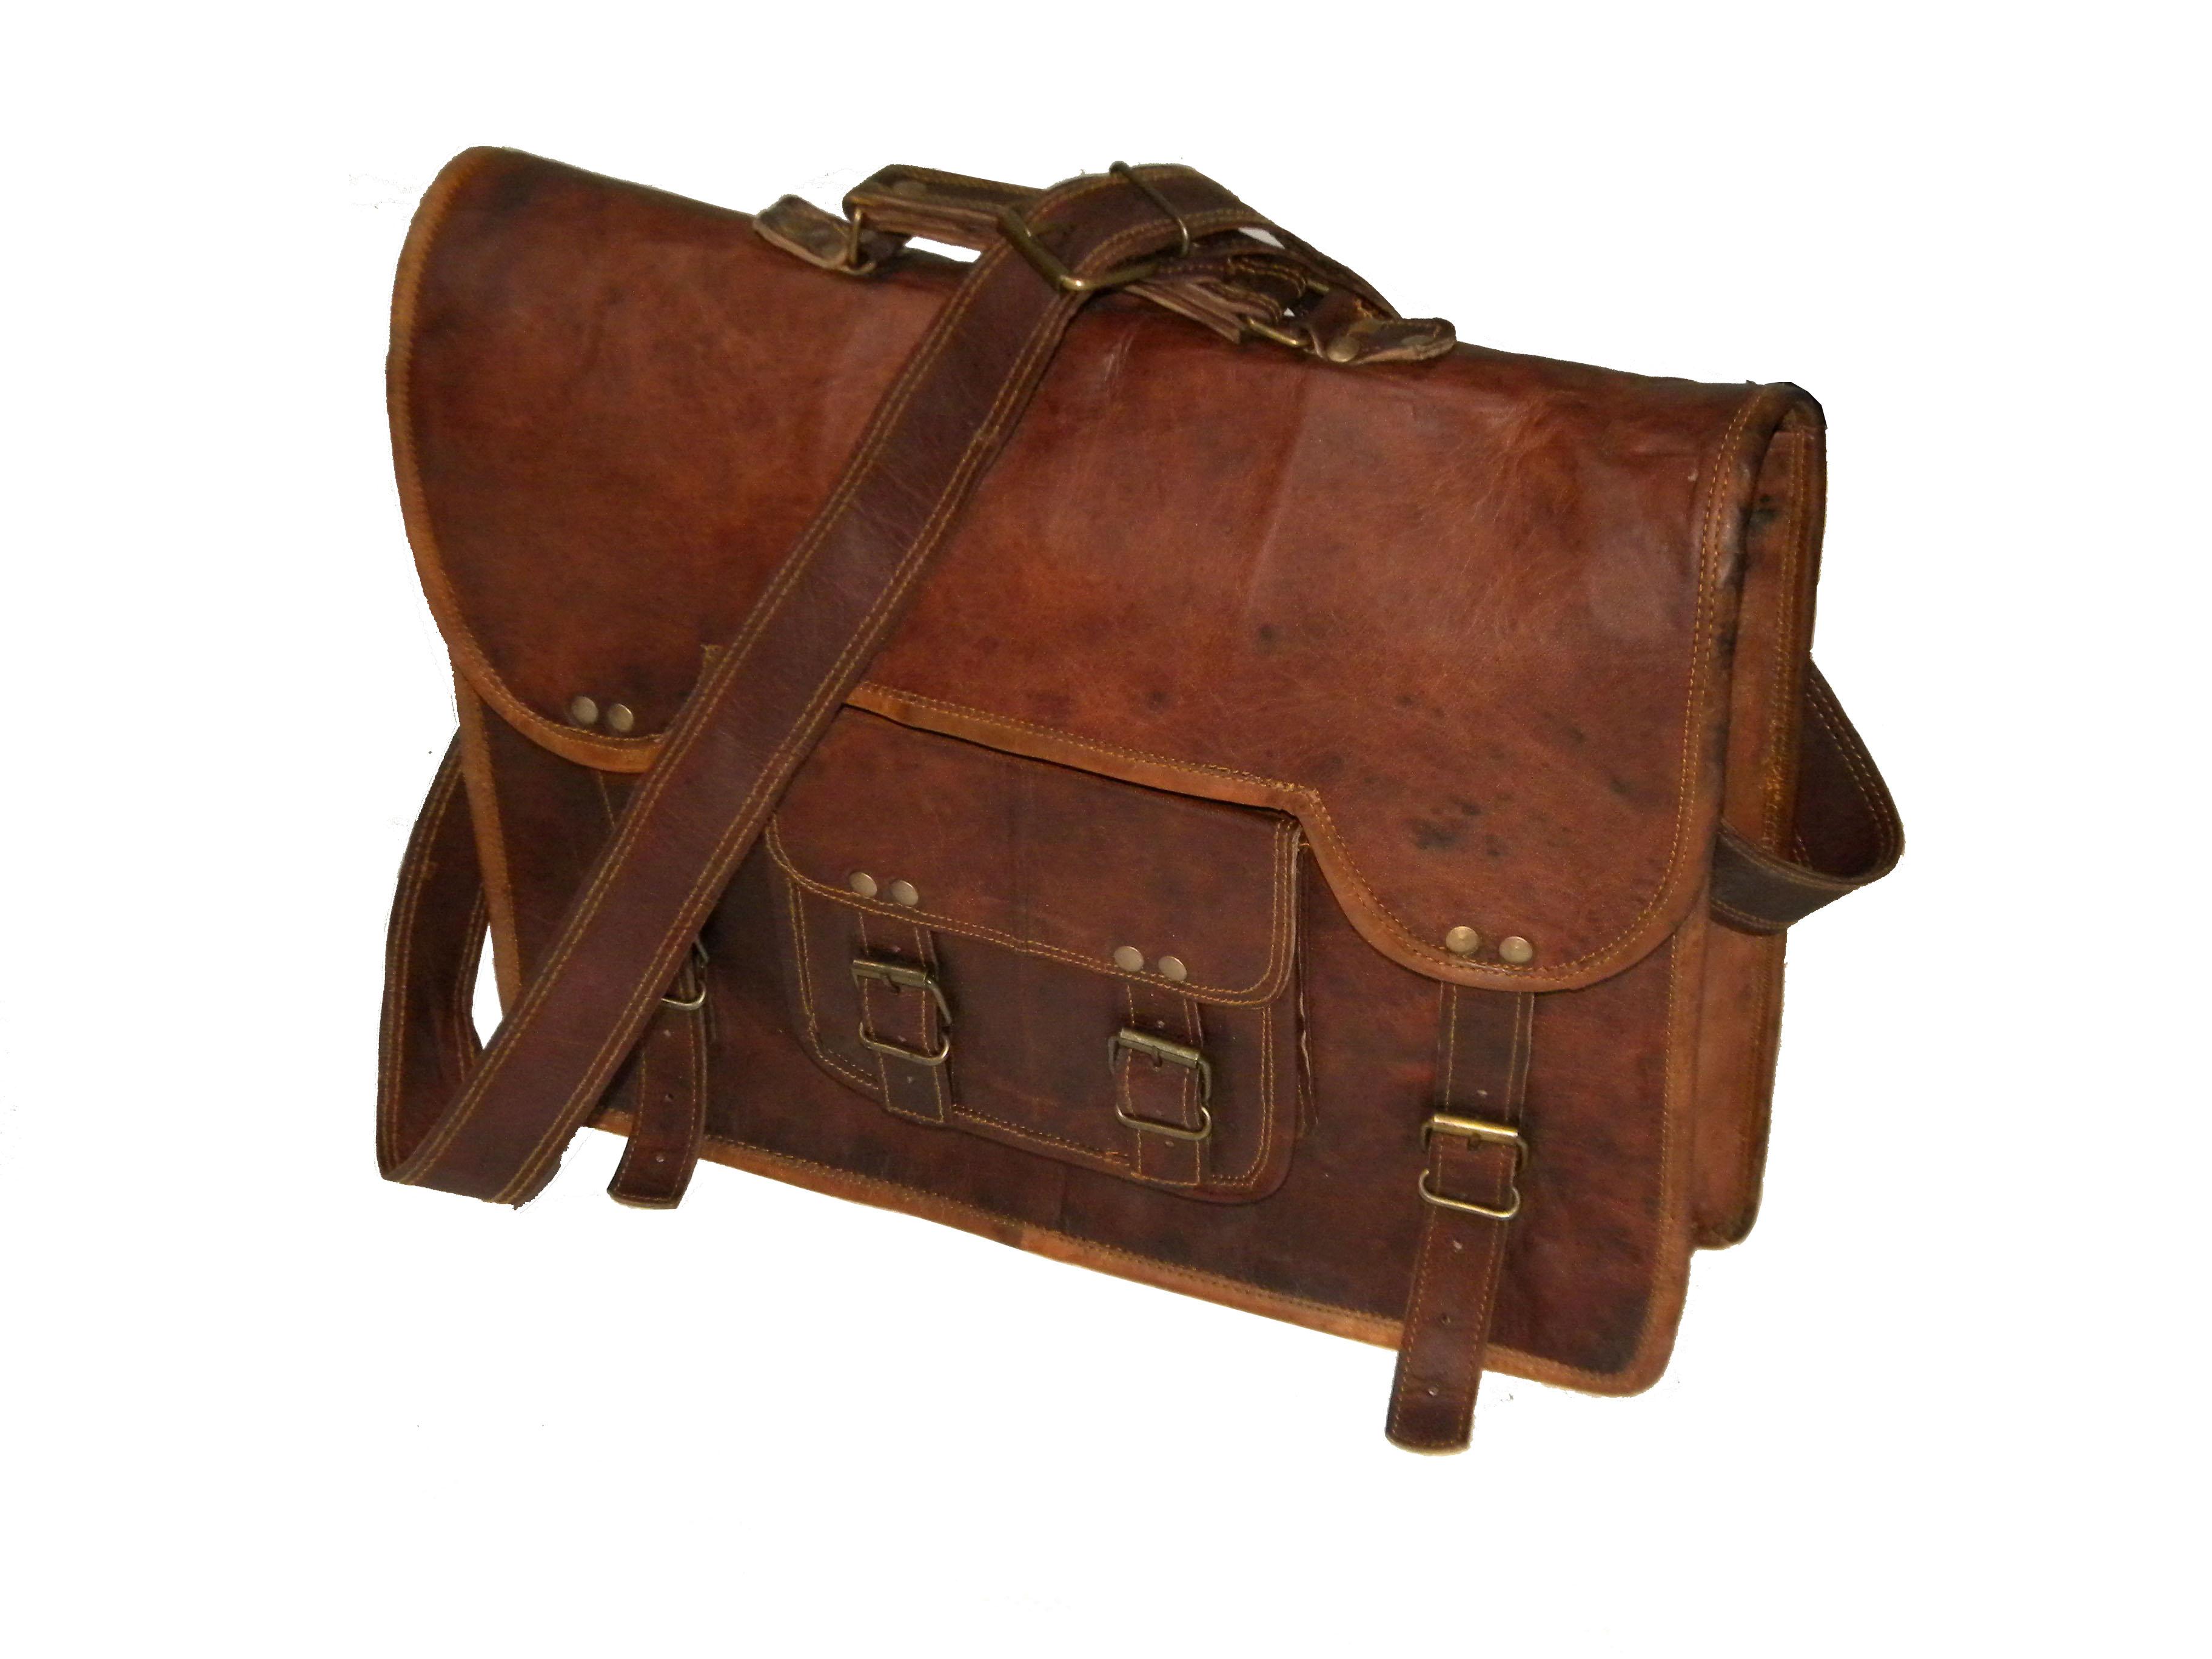 5b4e47f96 Real 14 Inch Goat Leather Vintage Craft Messenger Hide Laptop Bag ...